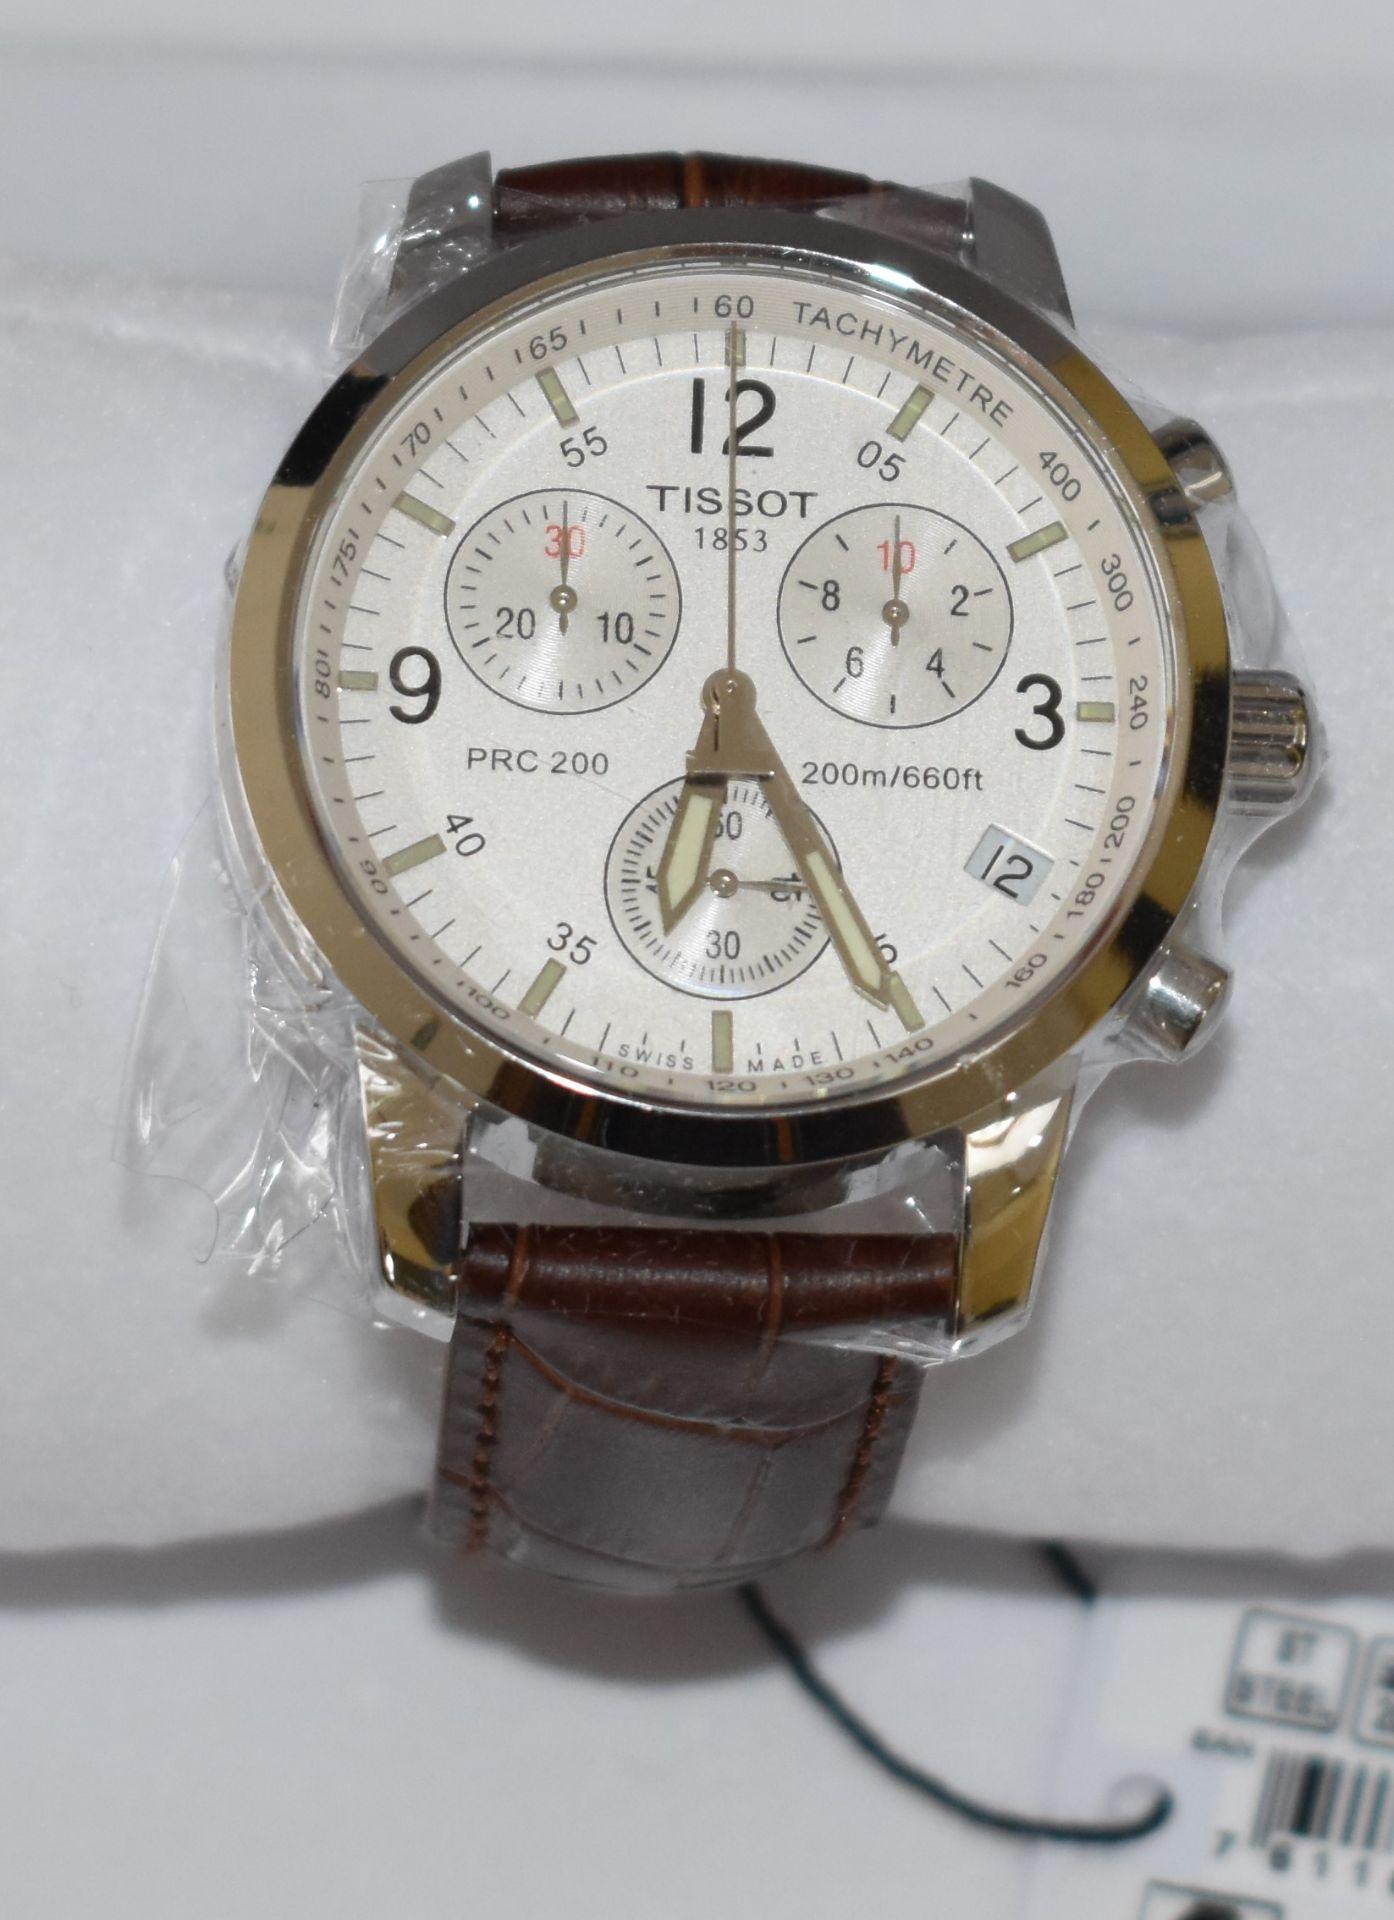 Tissot Men's Watch T17.516.32 - Image 2 of 2